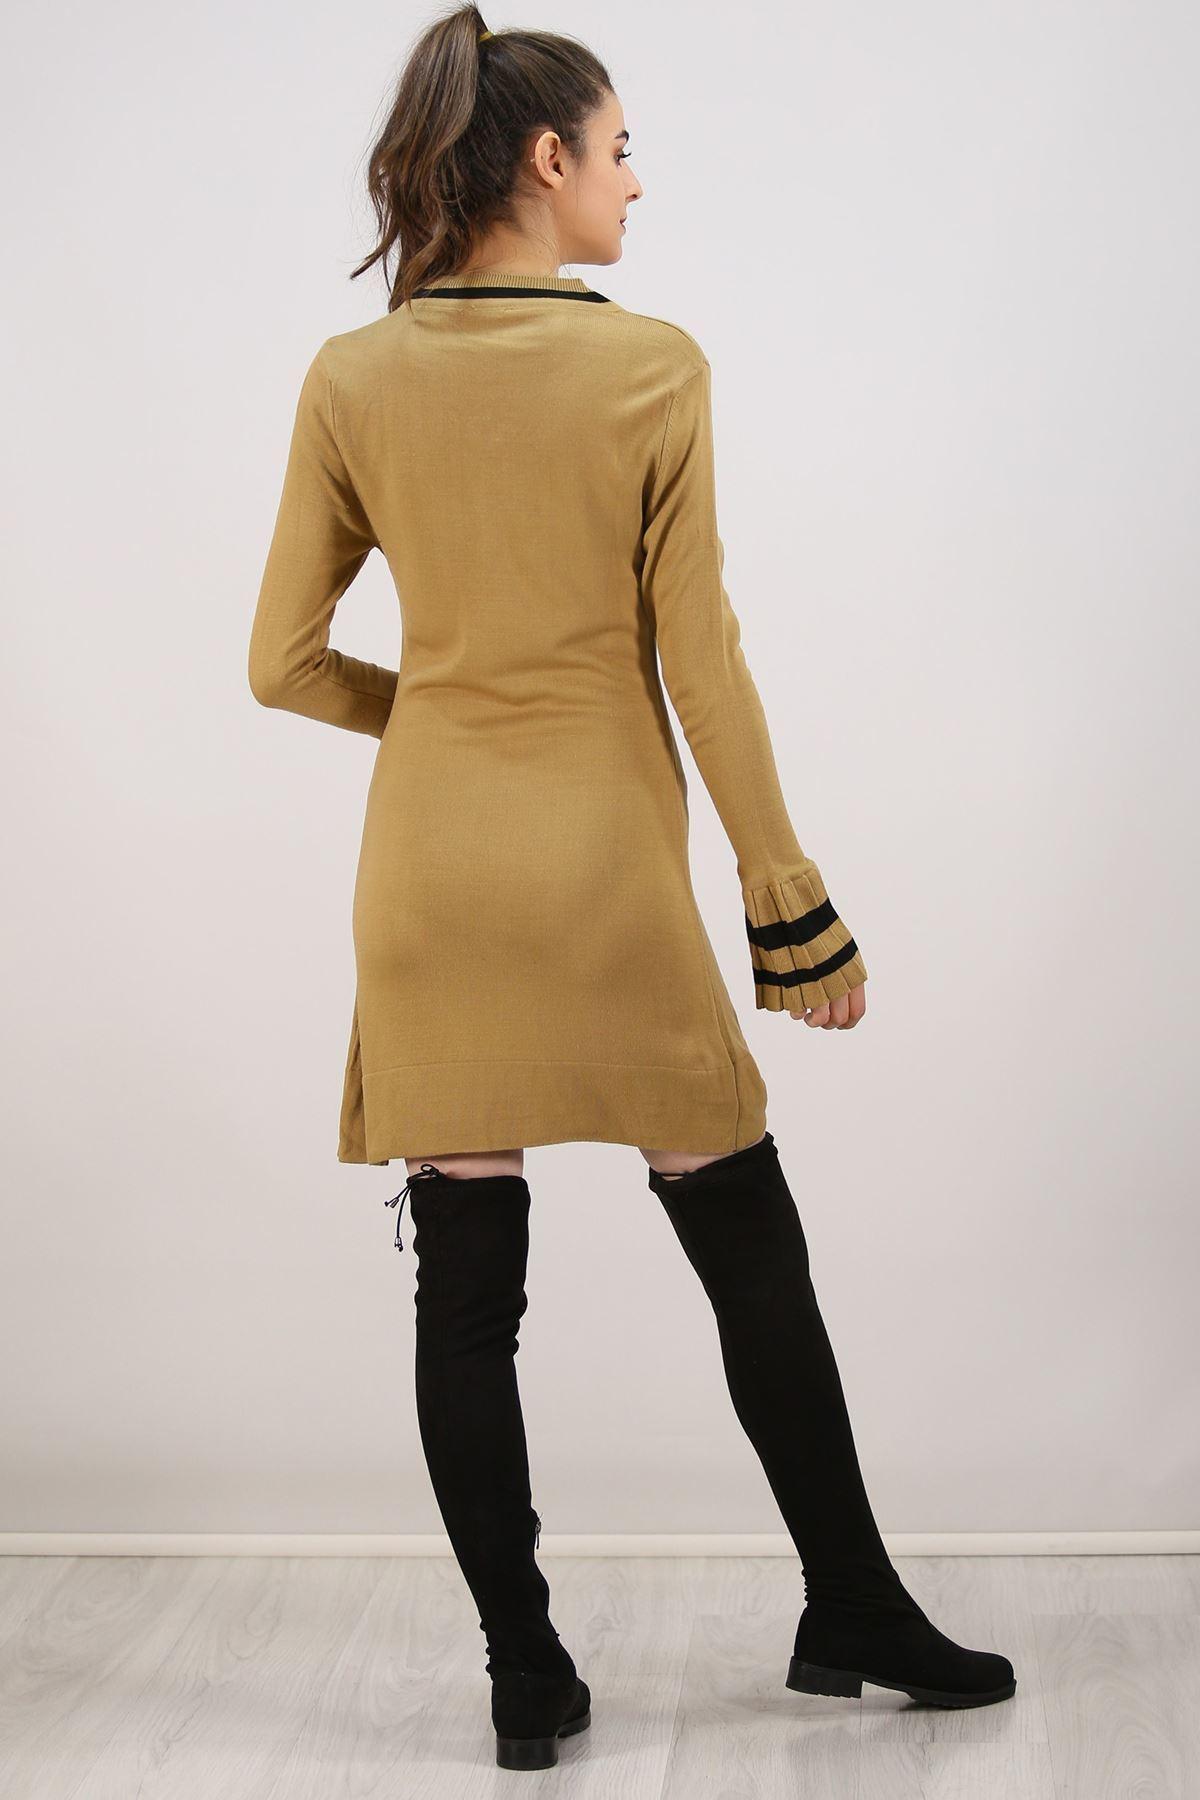 Kolu Piliseli Elbise Camel - 4811.1340.